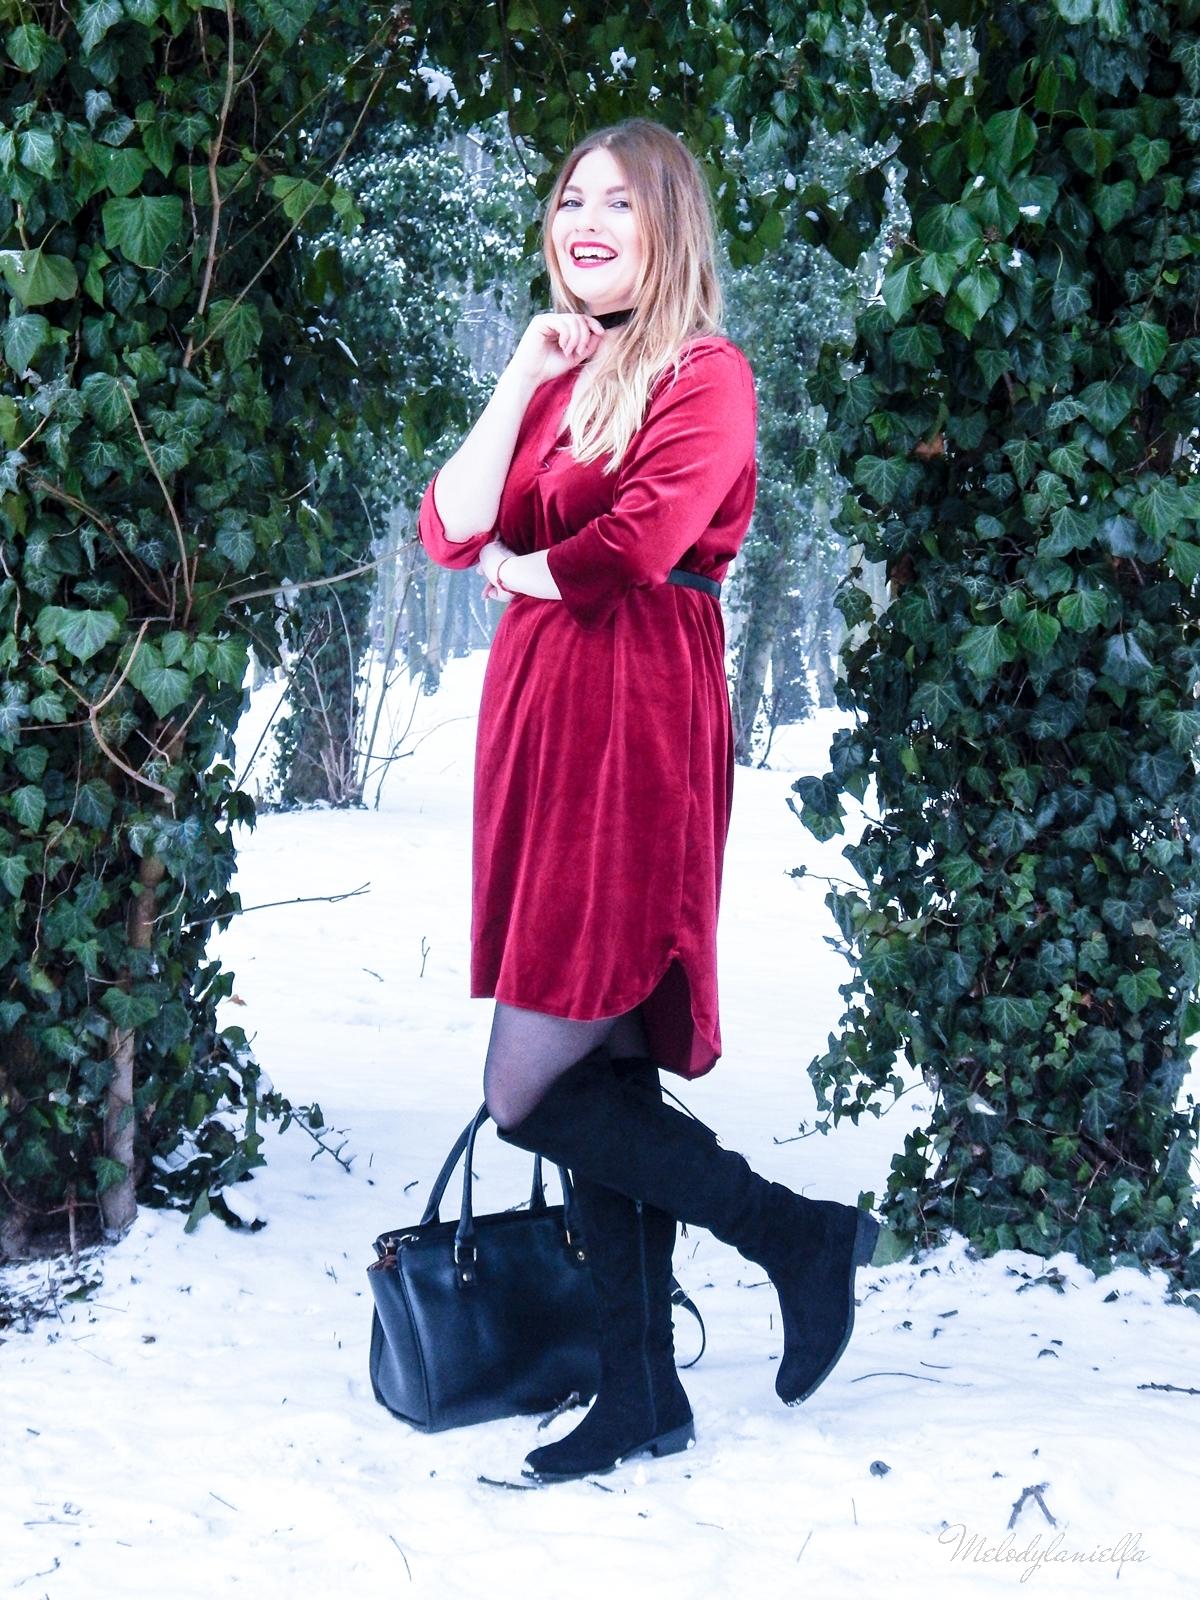 009 torebka manzana czarna czerwona aksamitna  sukienka zaful choker sammydress girl fashion zimowy lookbook stylizacja melodylaniella rajstopy veera pończochy fashion moda szary płaszcz